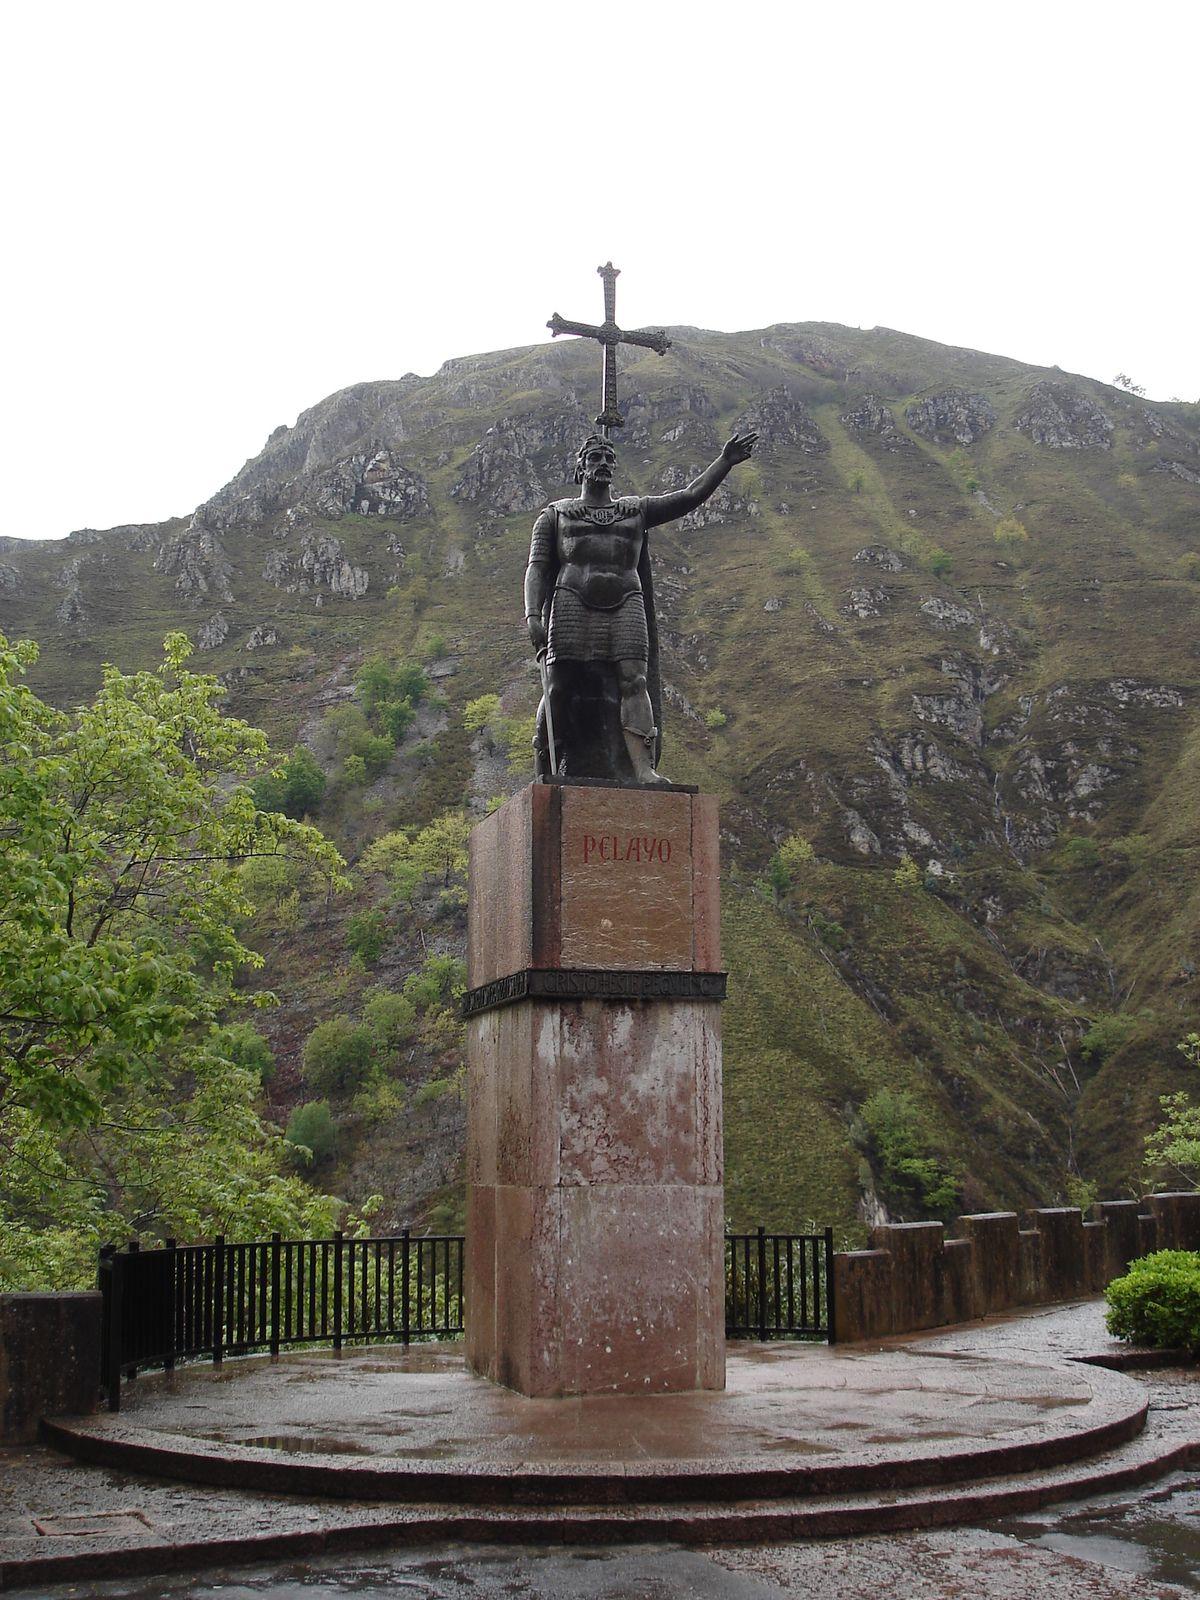 La statue de Pelage. Il a repoussé les troupes arabes en 722 lors de la mytique bataille de Covadonga et représente le premier pas vers la reconquête espagnole.